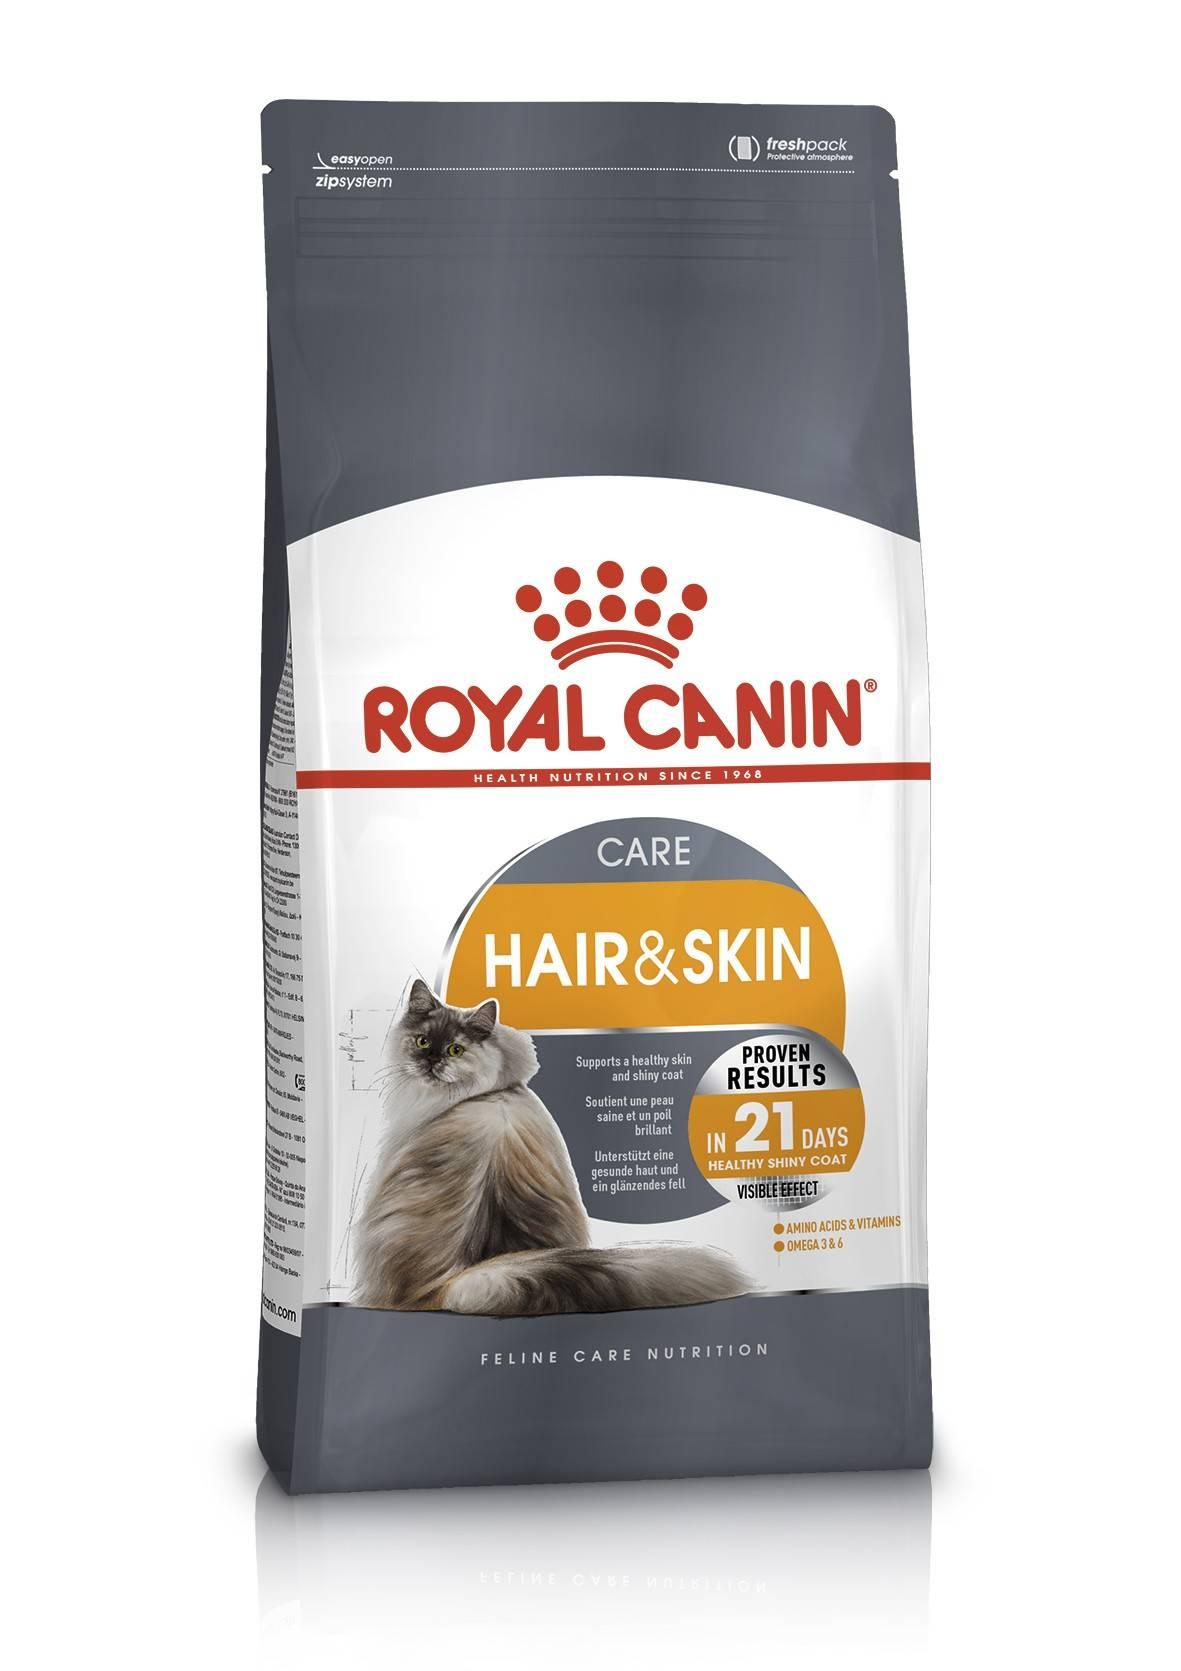 ROYAL CANIN HAIR&SKIN CARE – сухой корм для взрослых котов, способствующий поддержанию здоровья кожи и шерсти